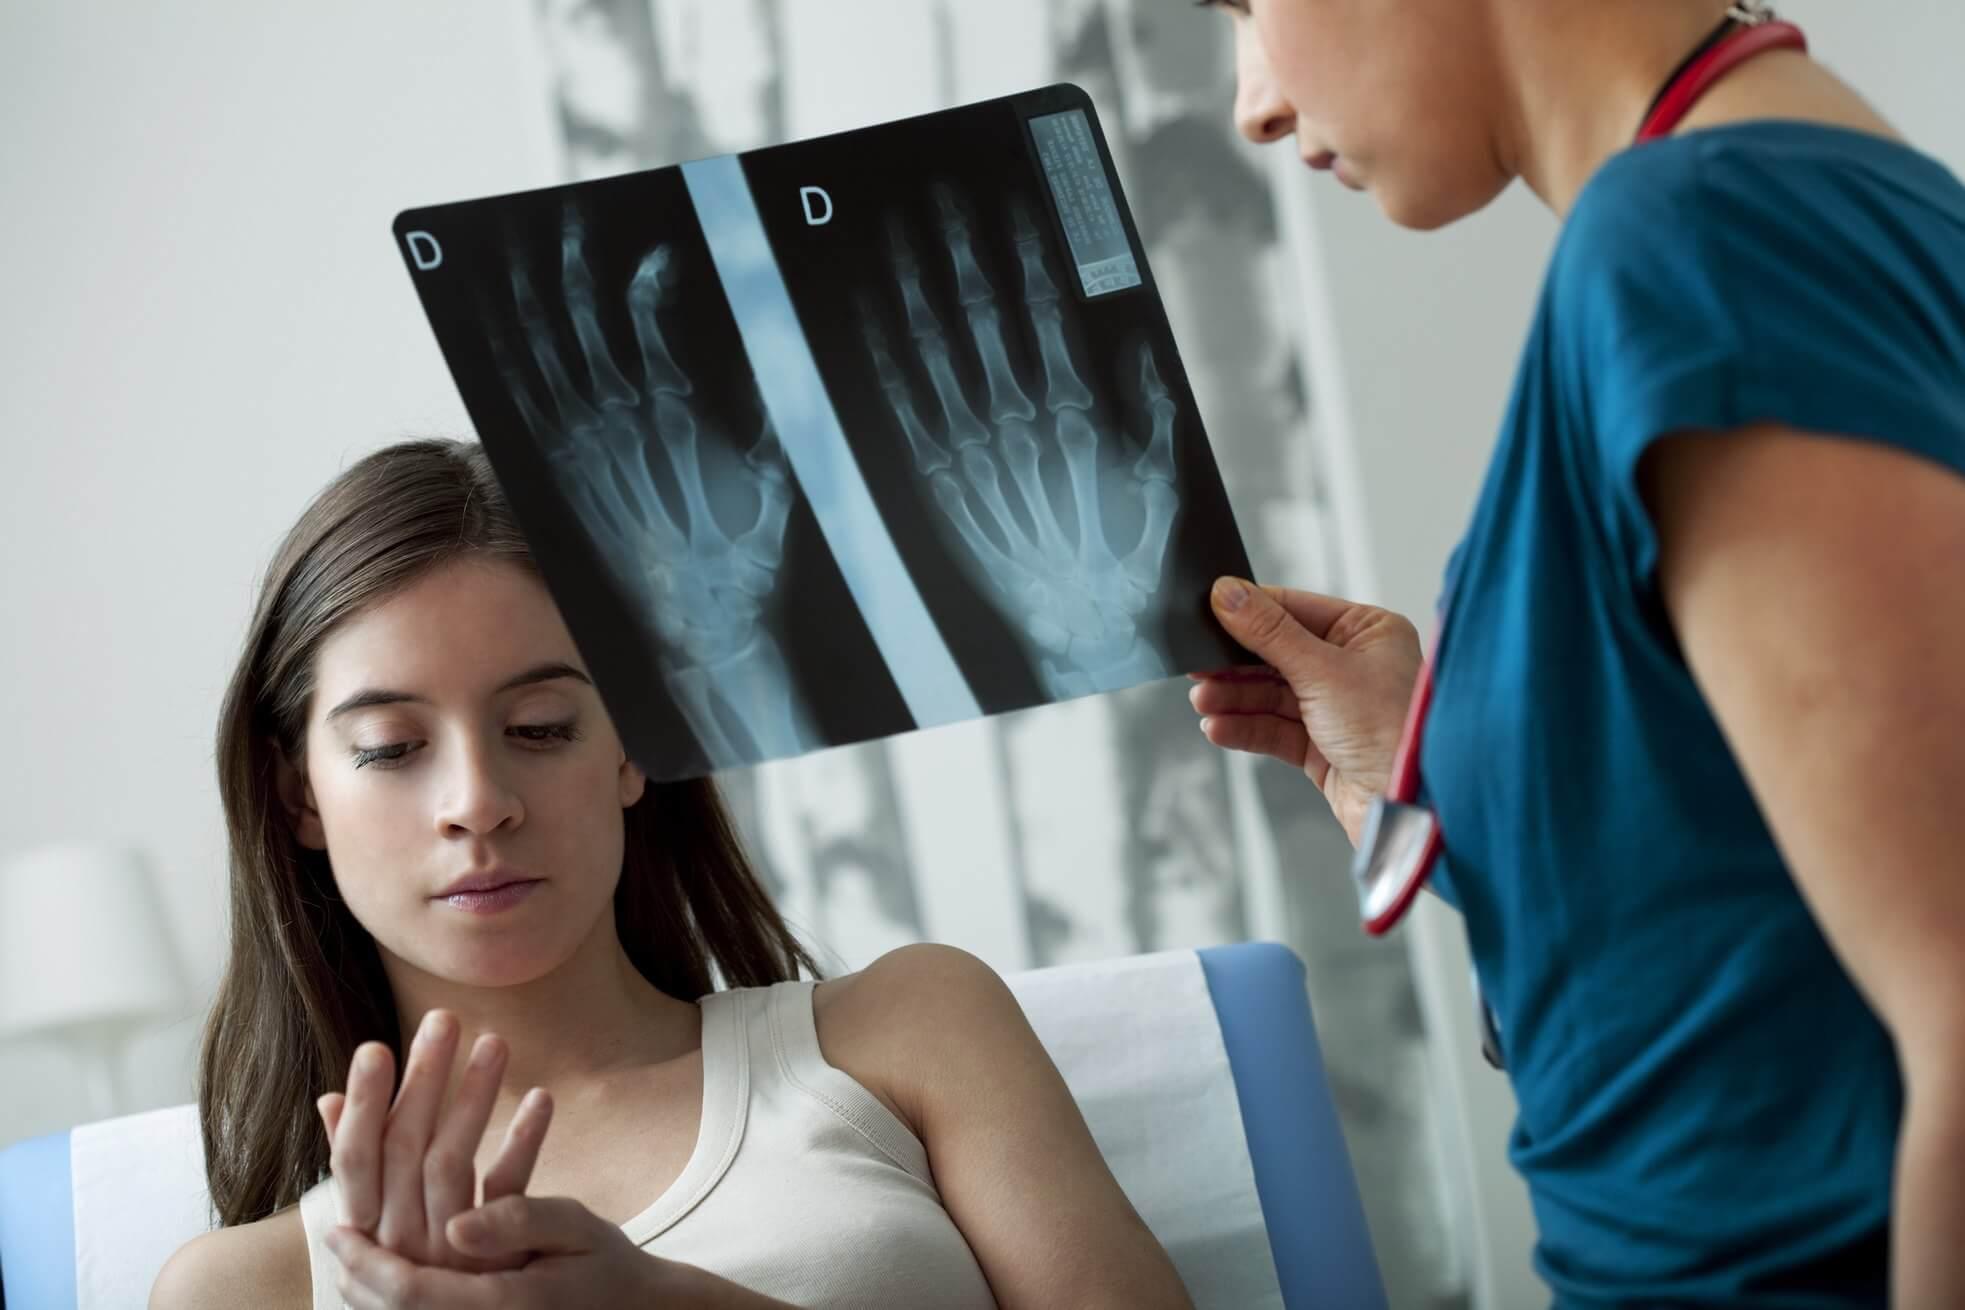 młoda dziewczyna z zespołem cieśni nadgarstka leży na kozetce podczas wizyty lekarskiej